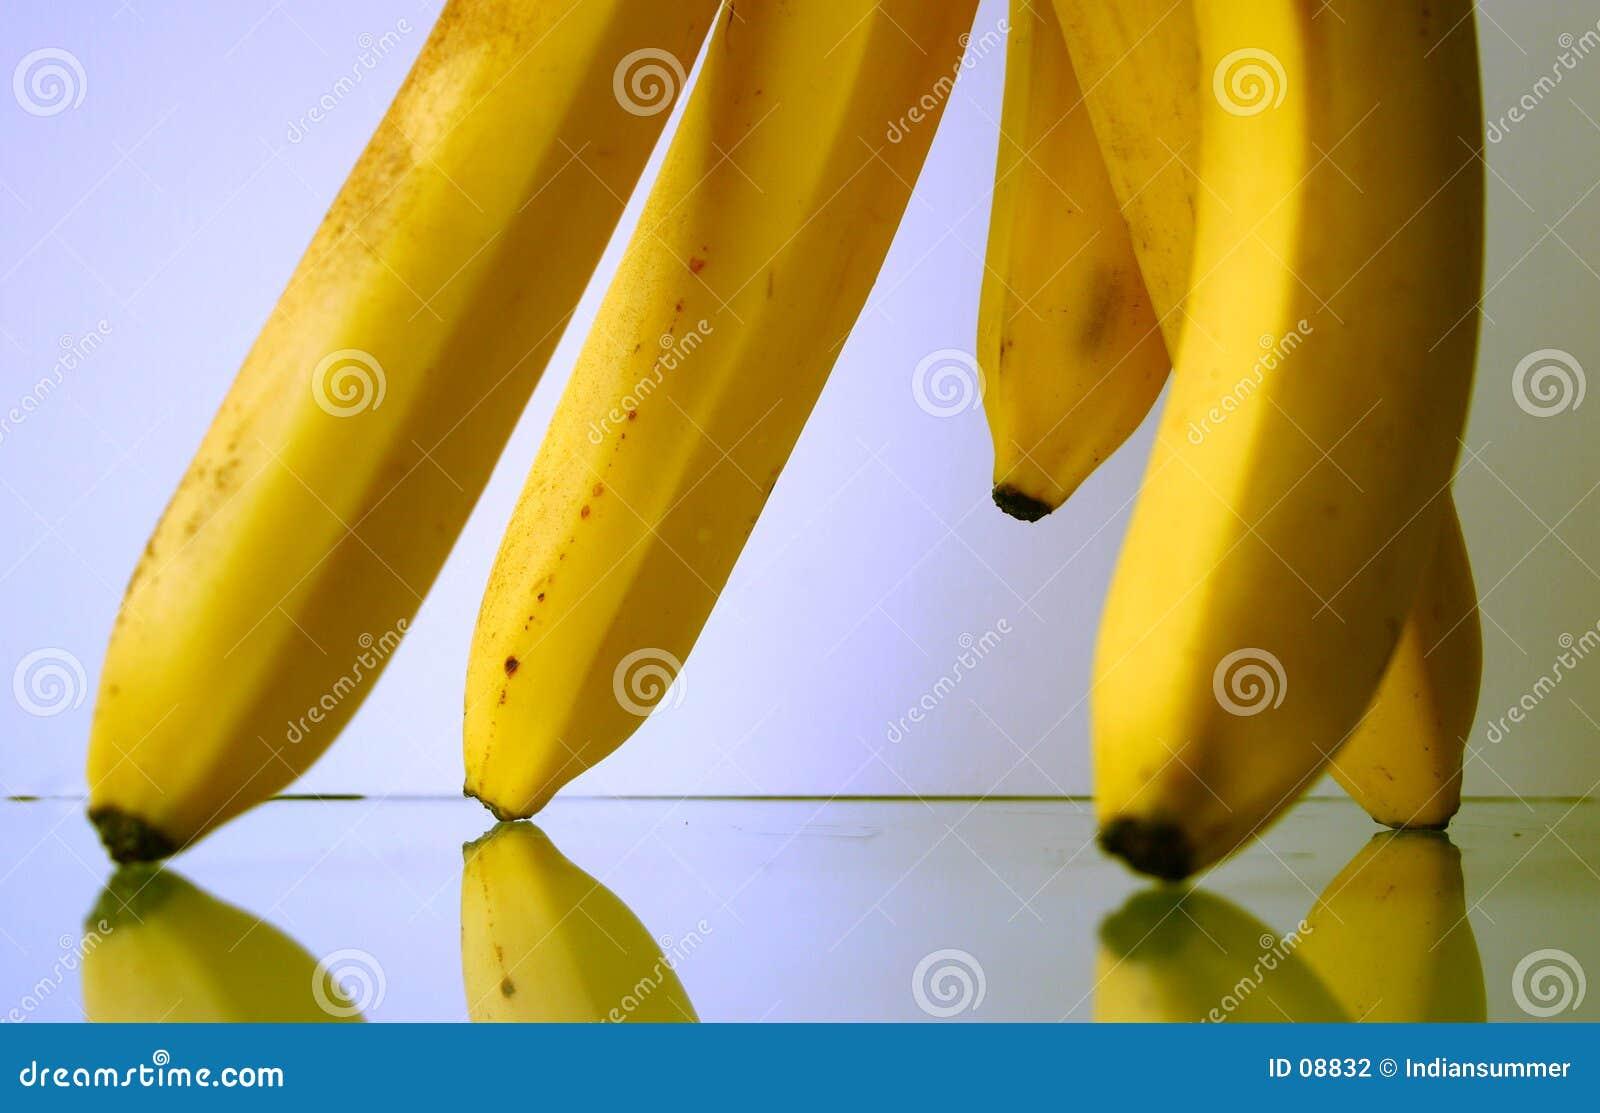 Bananas parade II